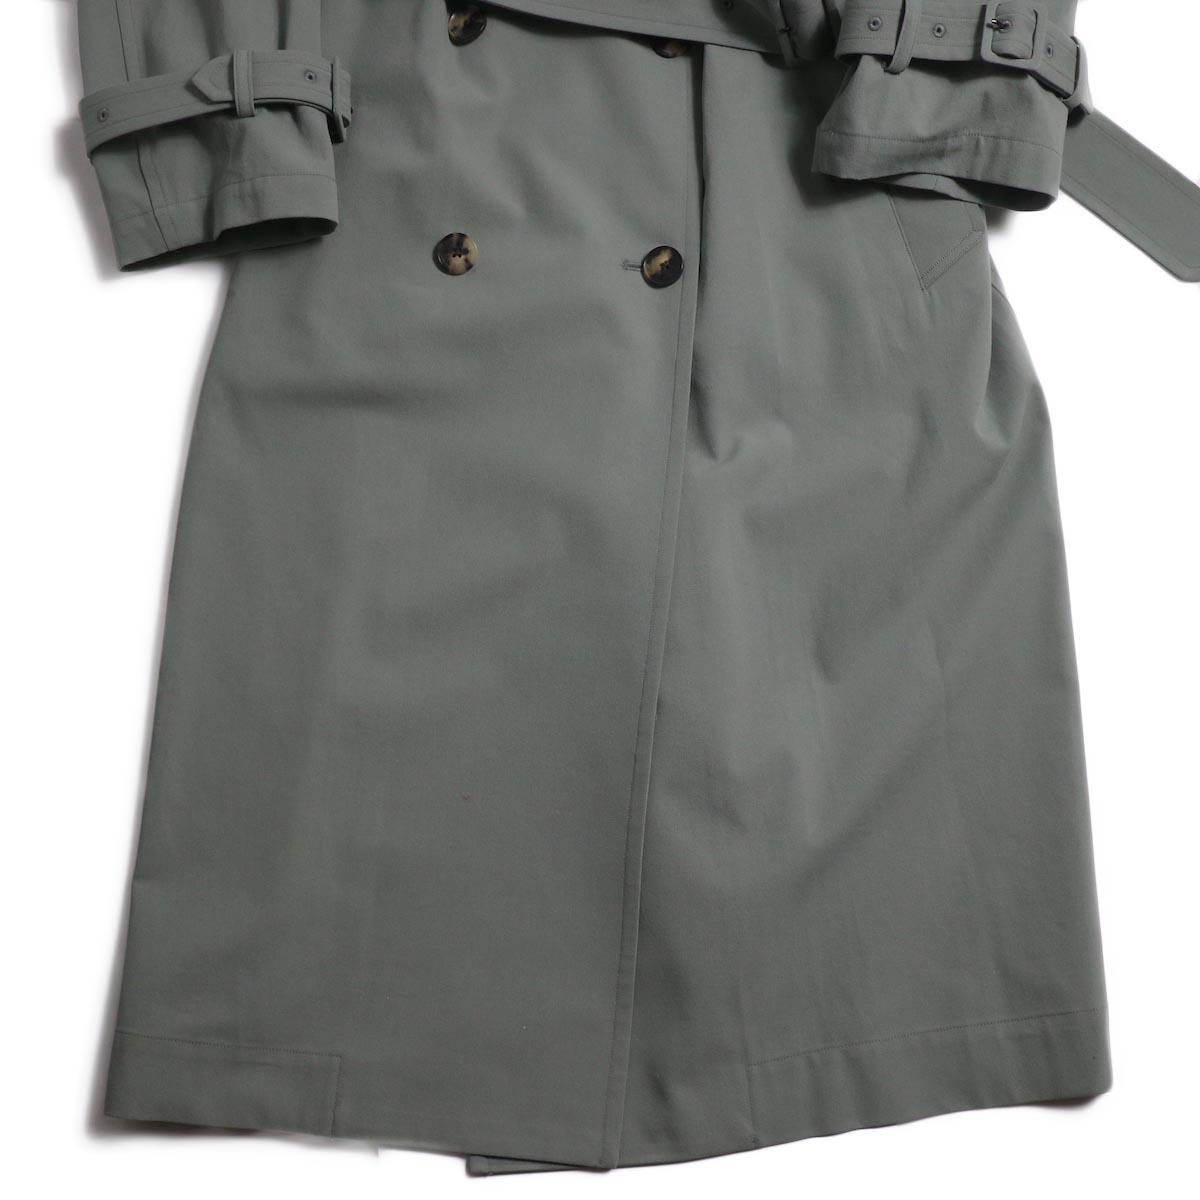 YLEVE / Cotton/Linen High Twist Twill Coat -Sage 裾